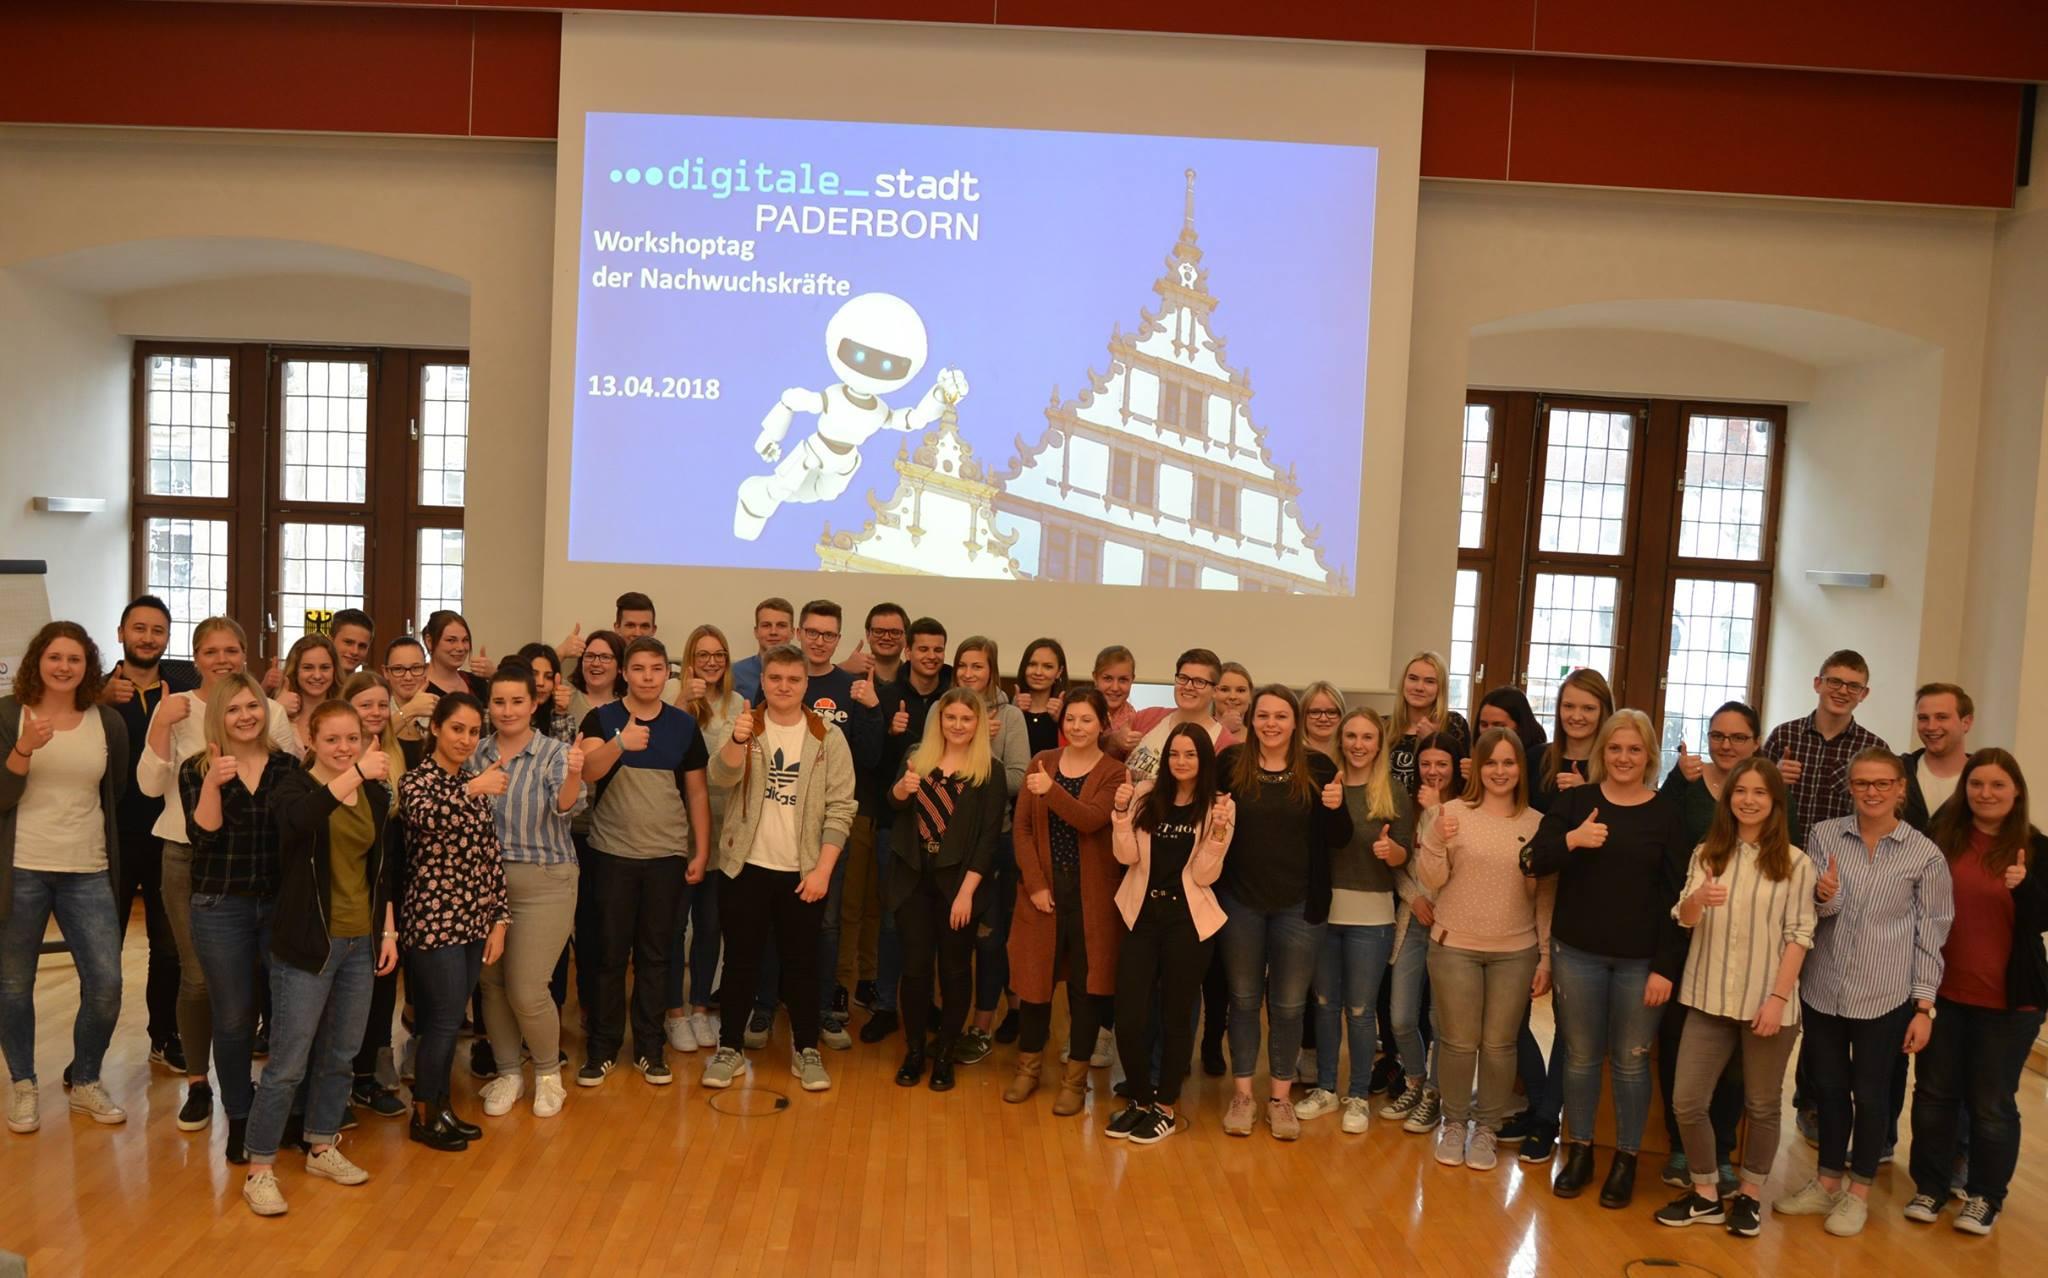 Teilnehmer:innen des Workshops zum Thema Digitale Stadt